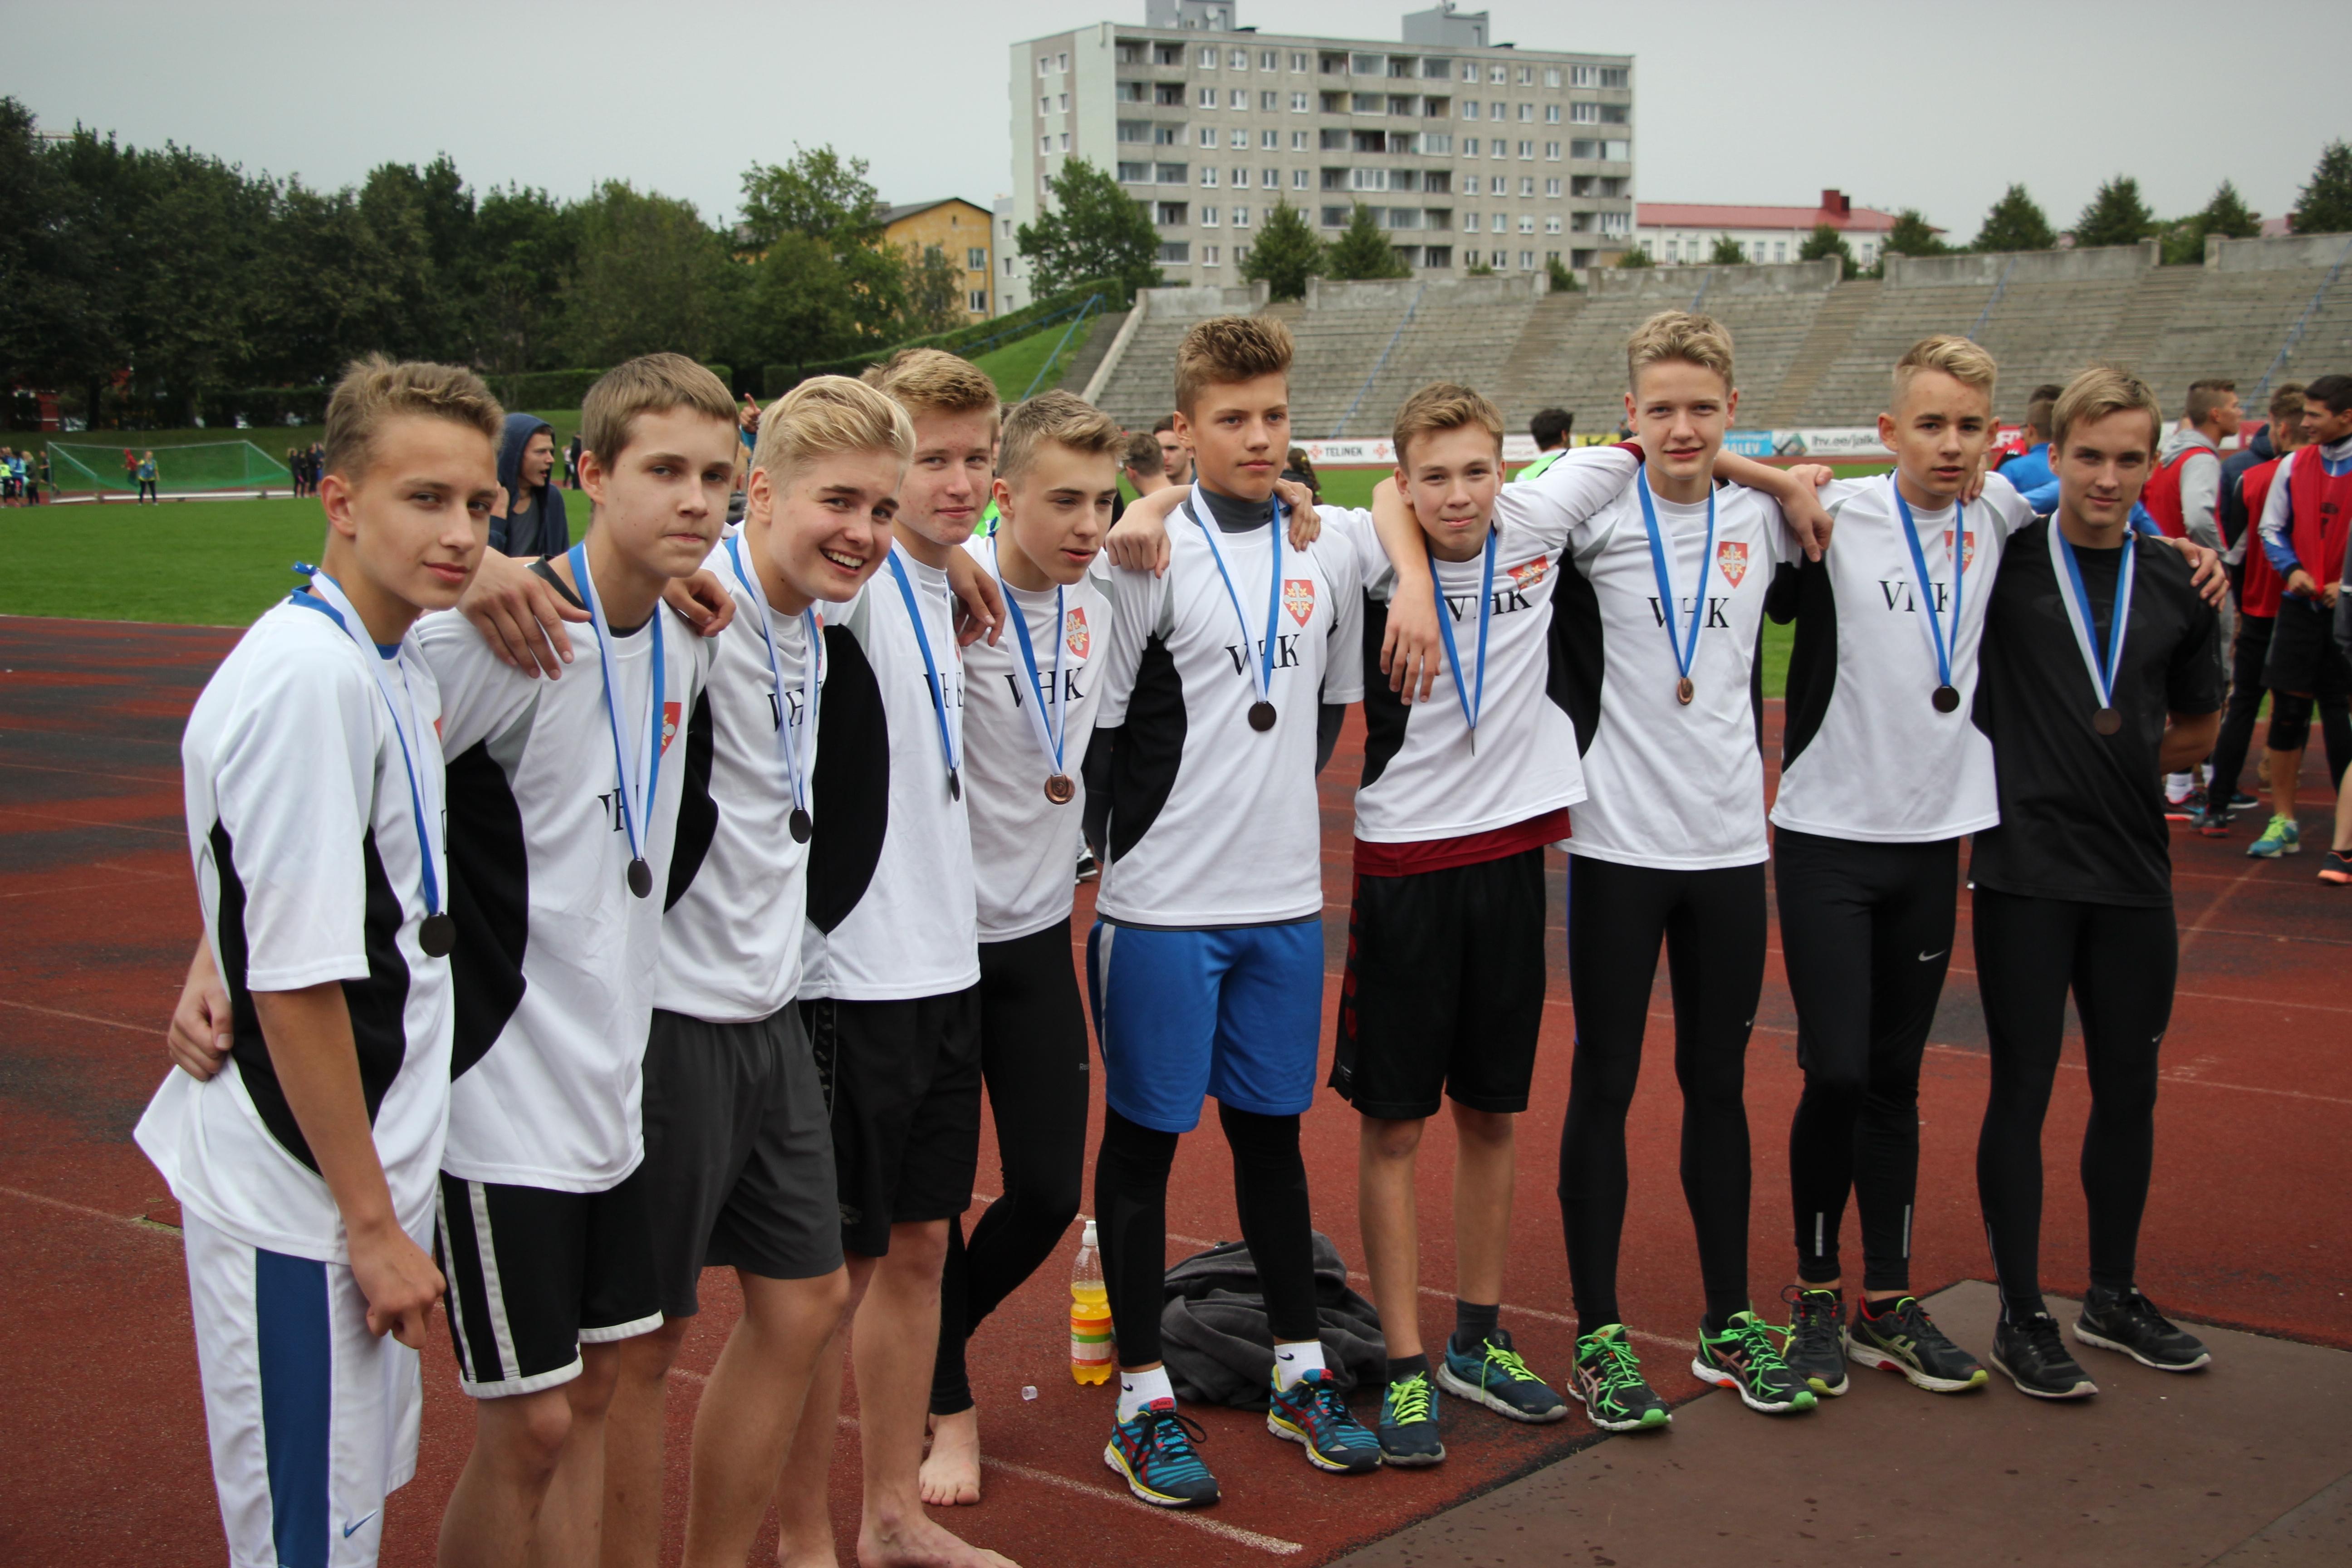 Põhikooli poisid Tallinna koolinoorte teatejooksude meistrivõistlustel kolmandad!